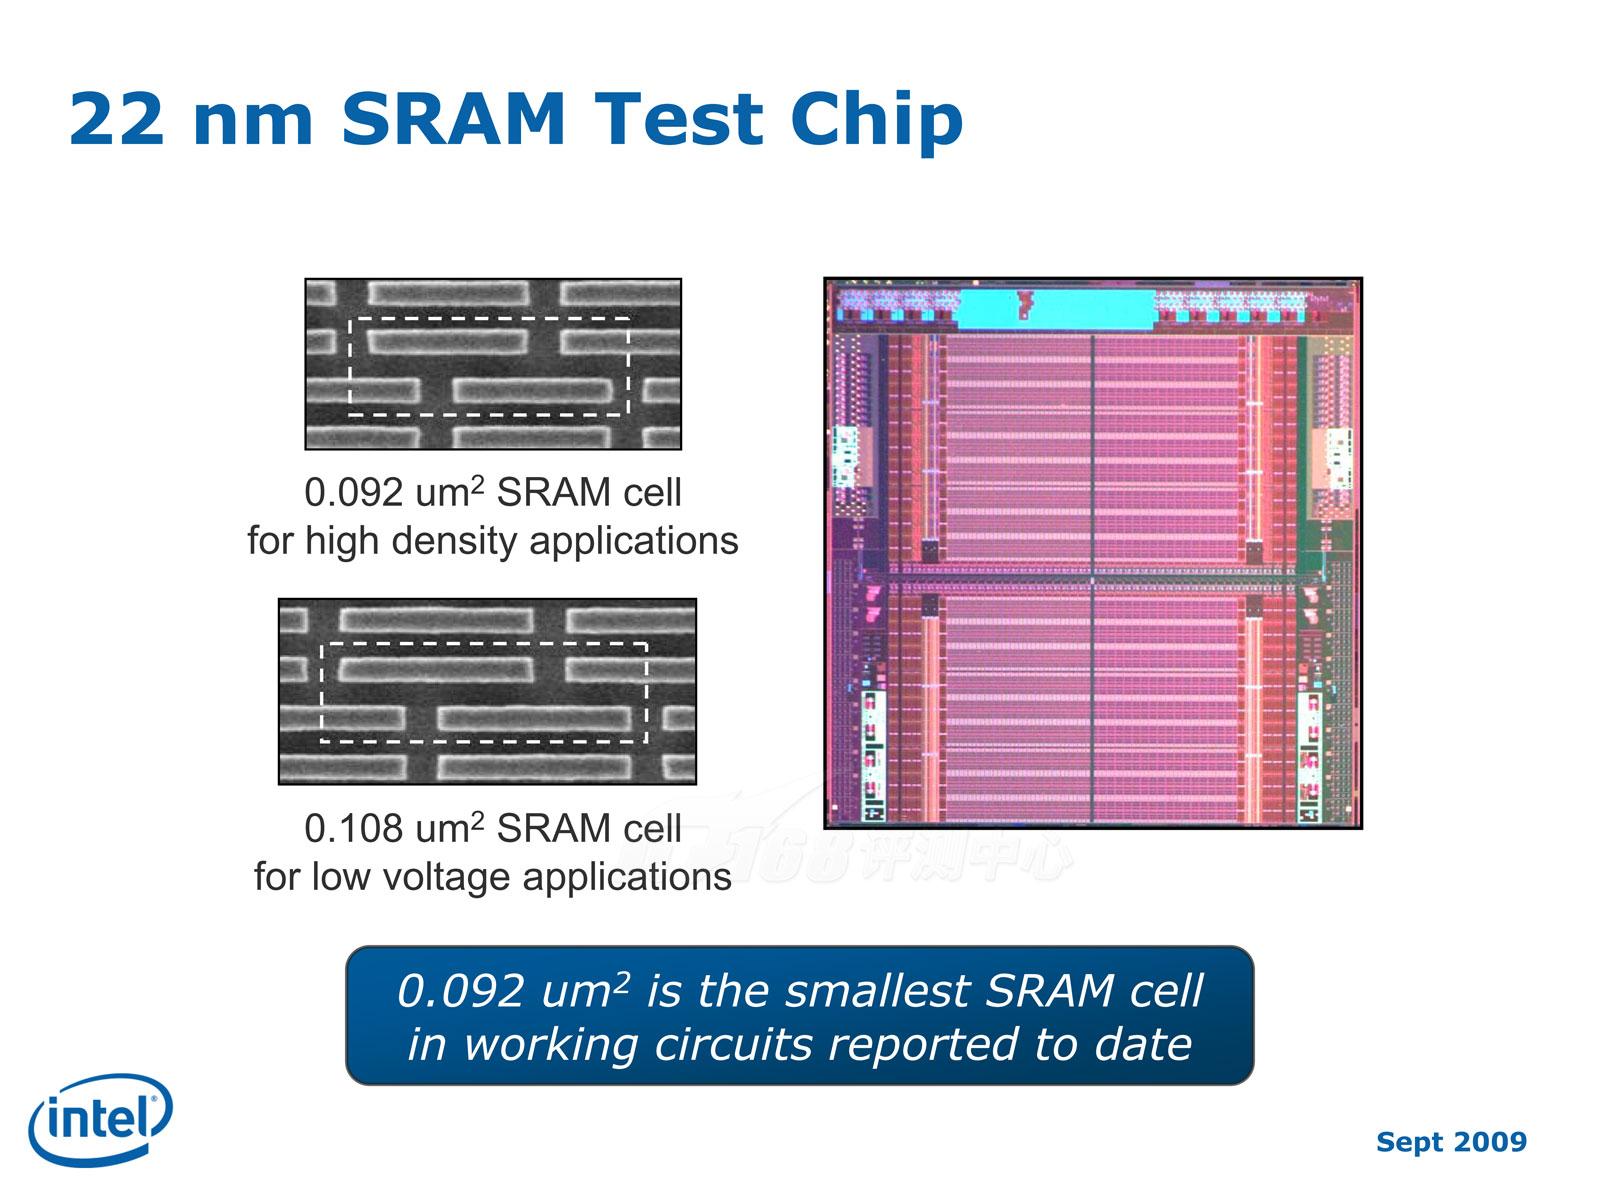 6个晶体管组成双稳态触发电路改为了8个晶体管电路,因此364mbit sram